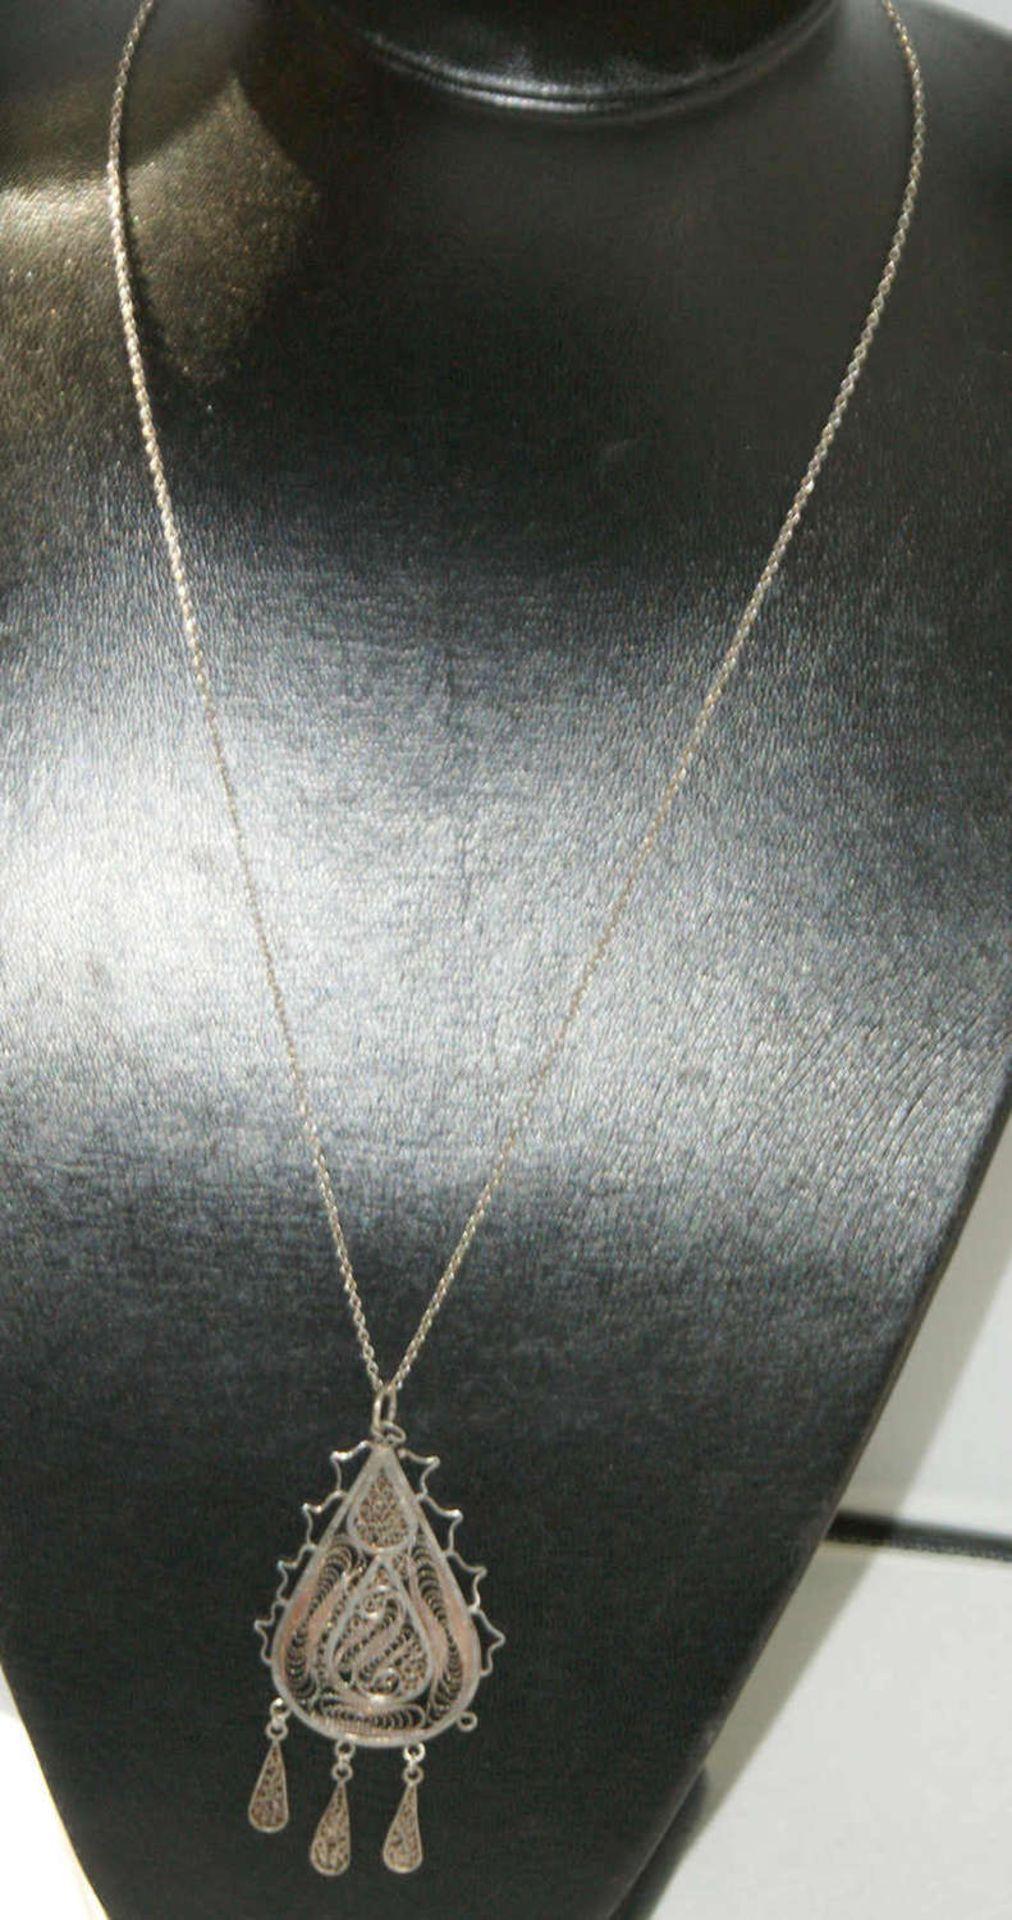 Silberkette 835er Silber, mit Anhänger aus geflochtenem Silberdraht. Anhänger mit Abhängungen. Länge